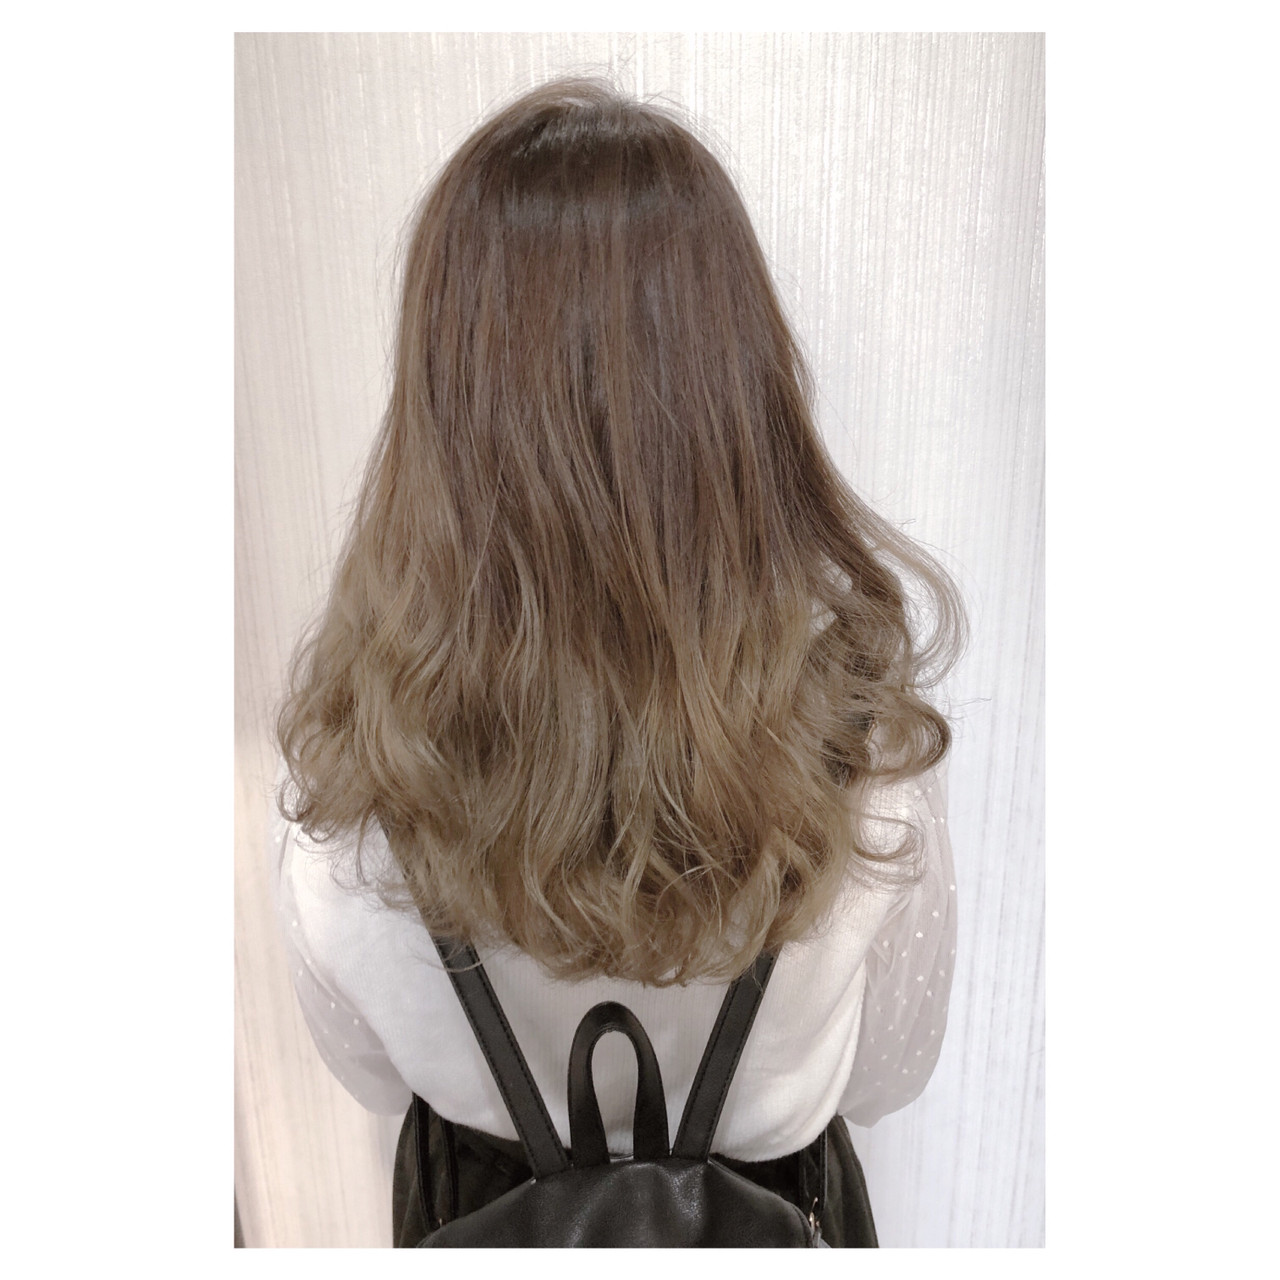 透明感 アンニュイほつれヘア ナチュラル デート ヘアスタイルや髪型の写真・画像 | クラ / TOMCAT